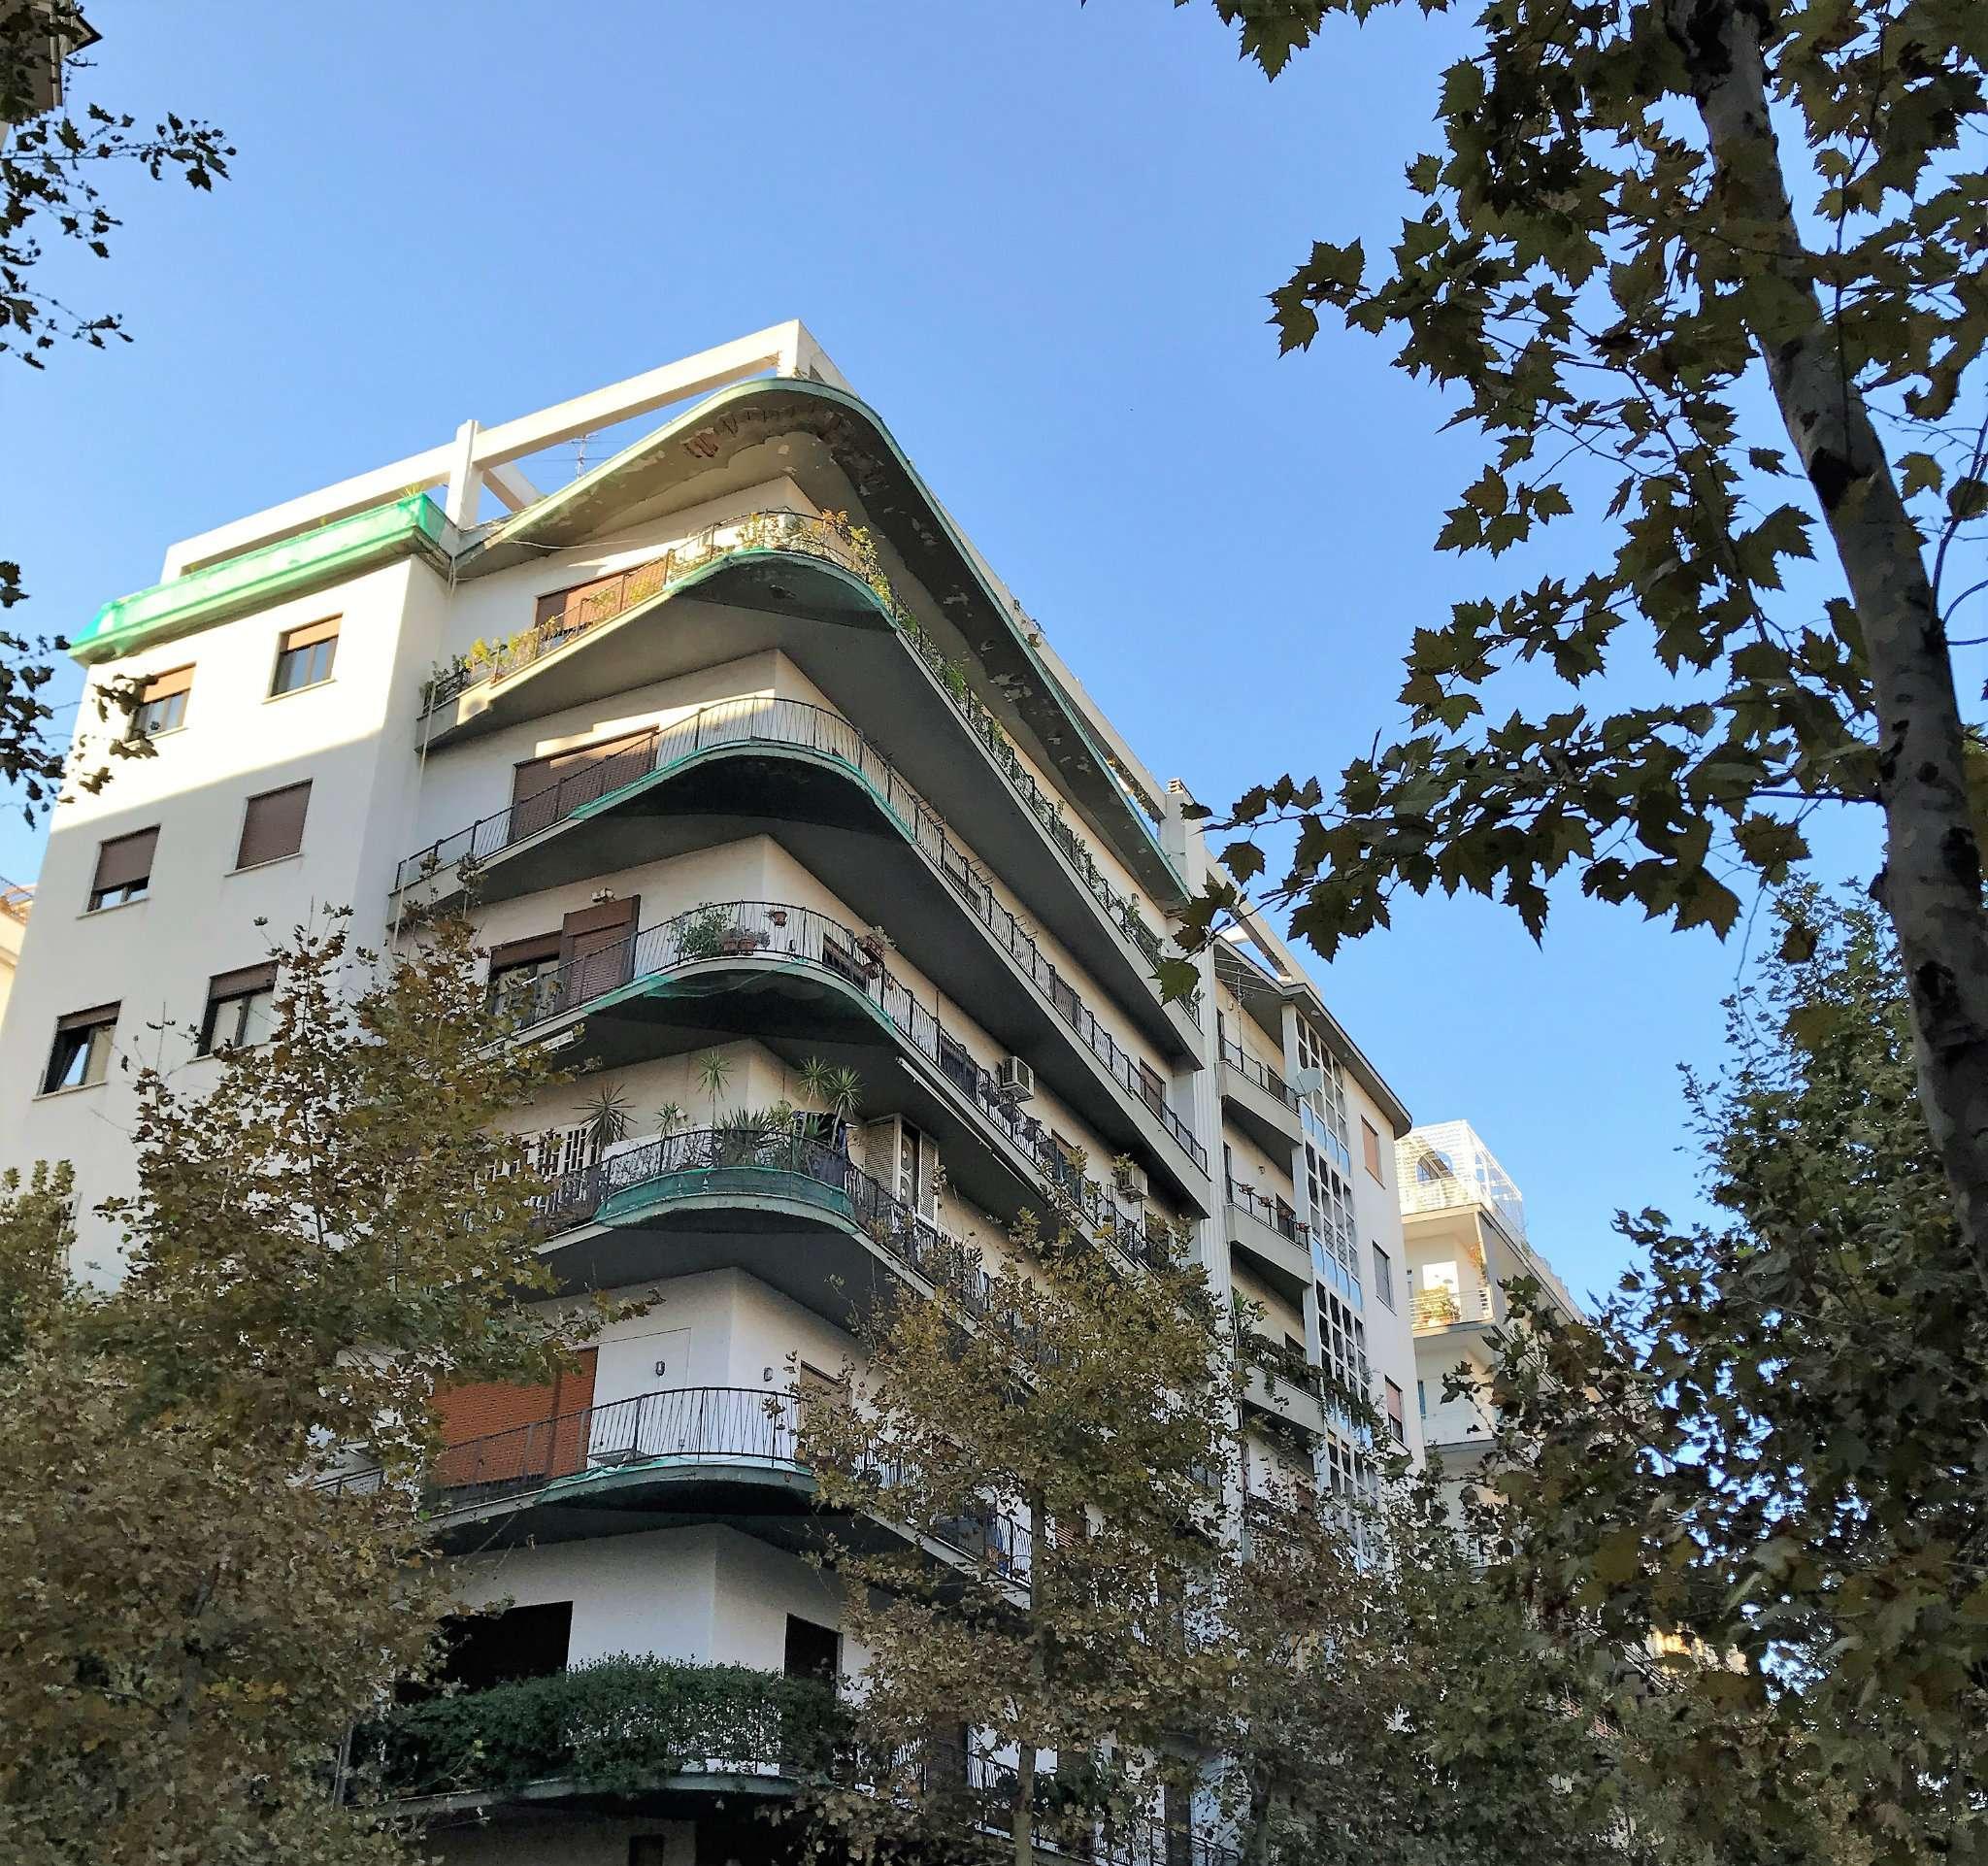 Attico / Mansarda in vendita a Napoli, 9 locali, zona Zona: 5 . Vomero, Arenella, prezzo € 1.900.000 | CambioCasa.it